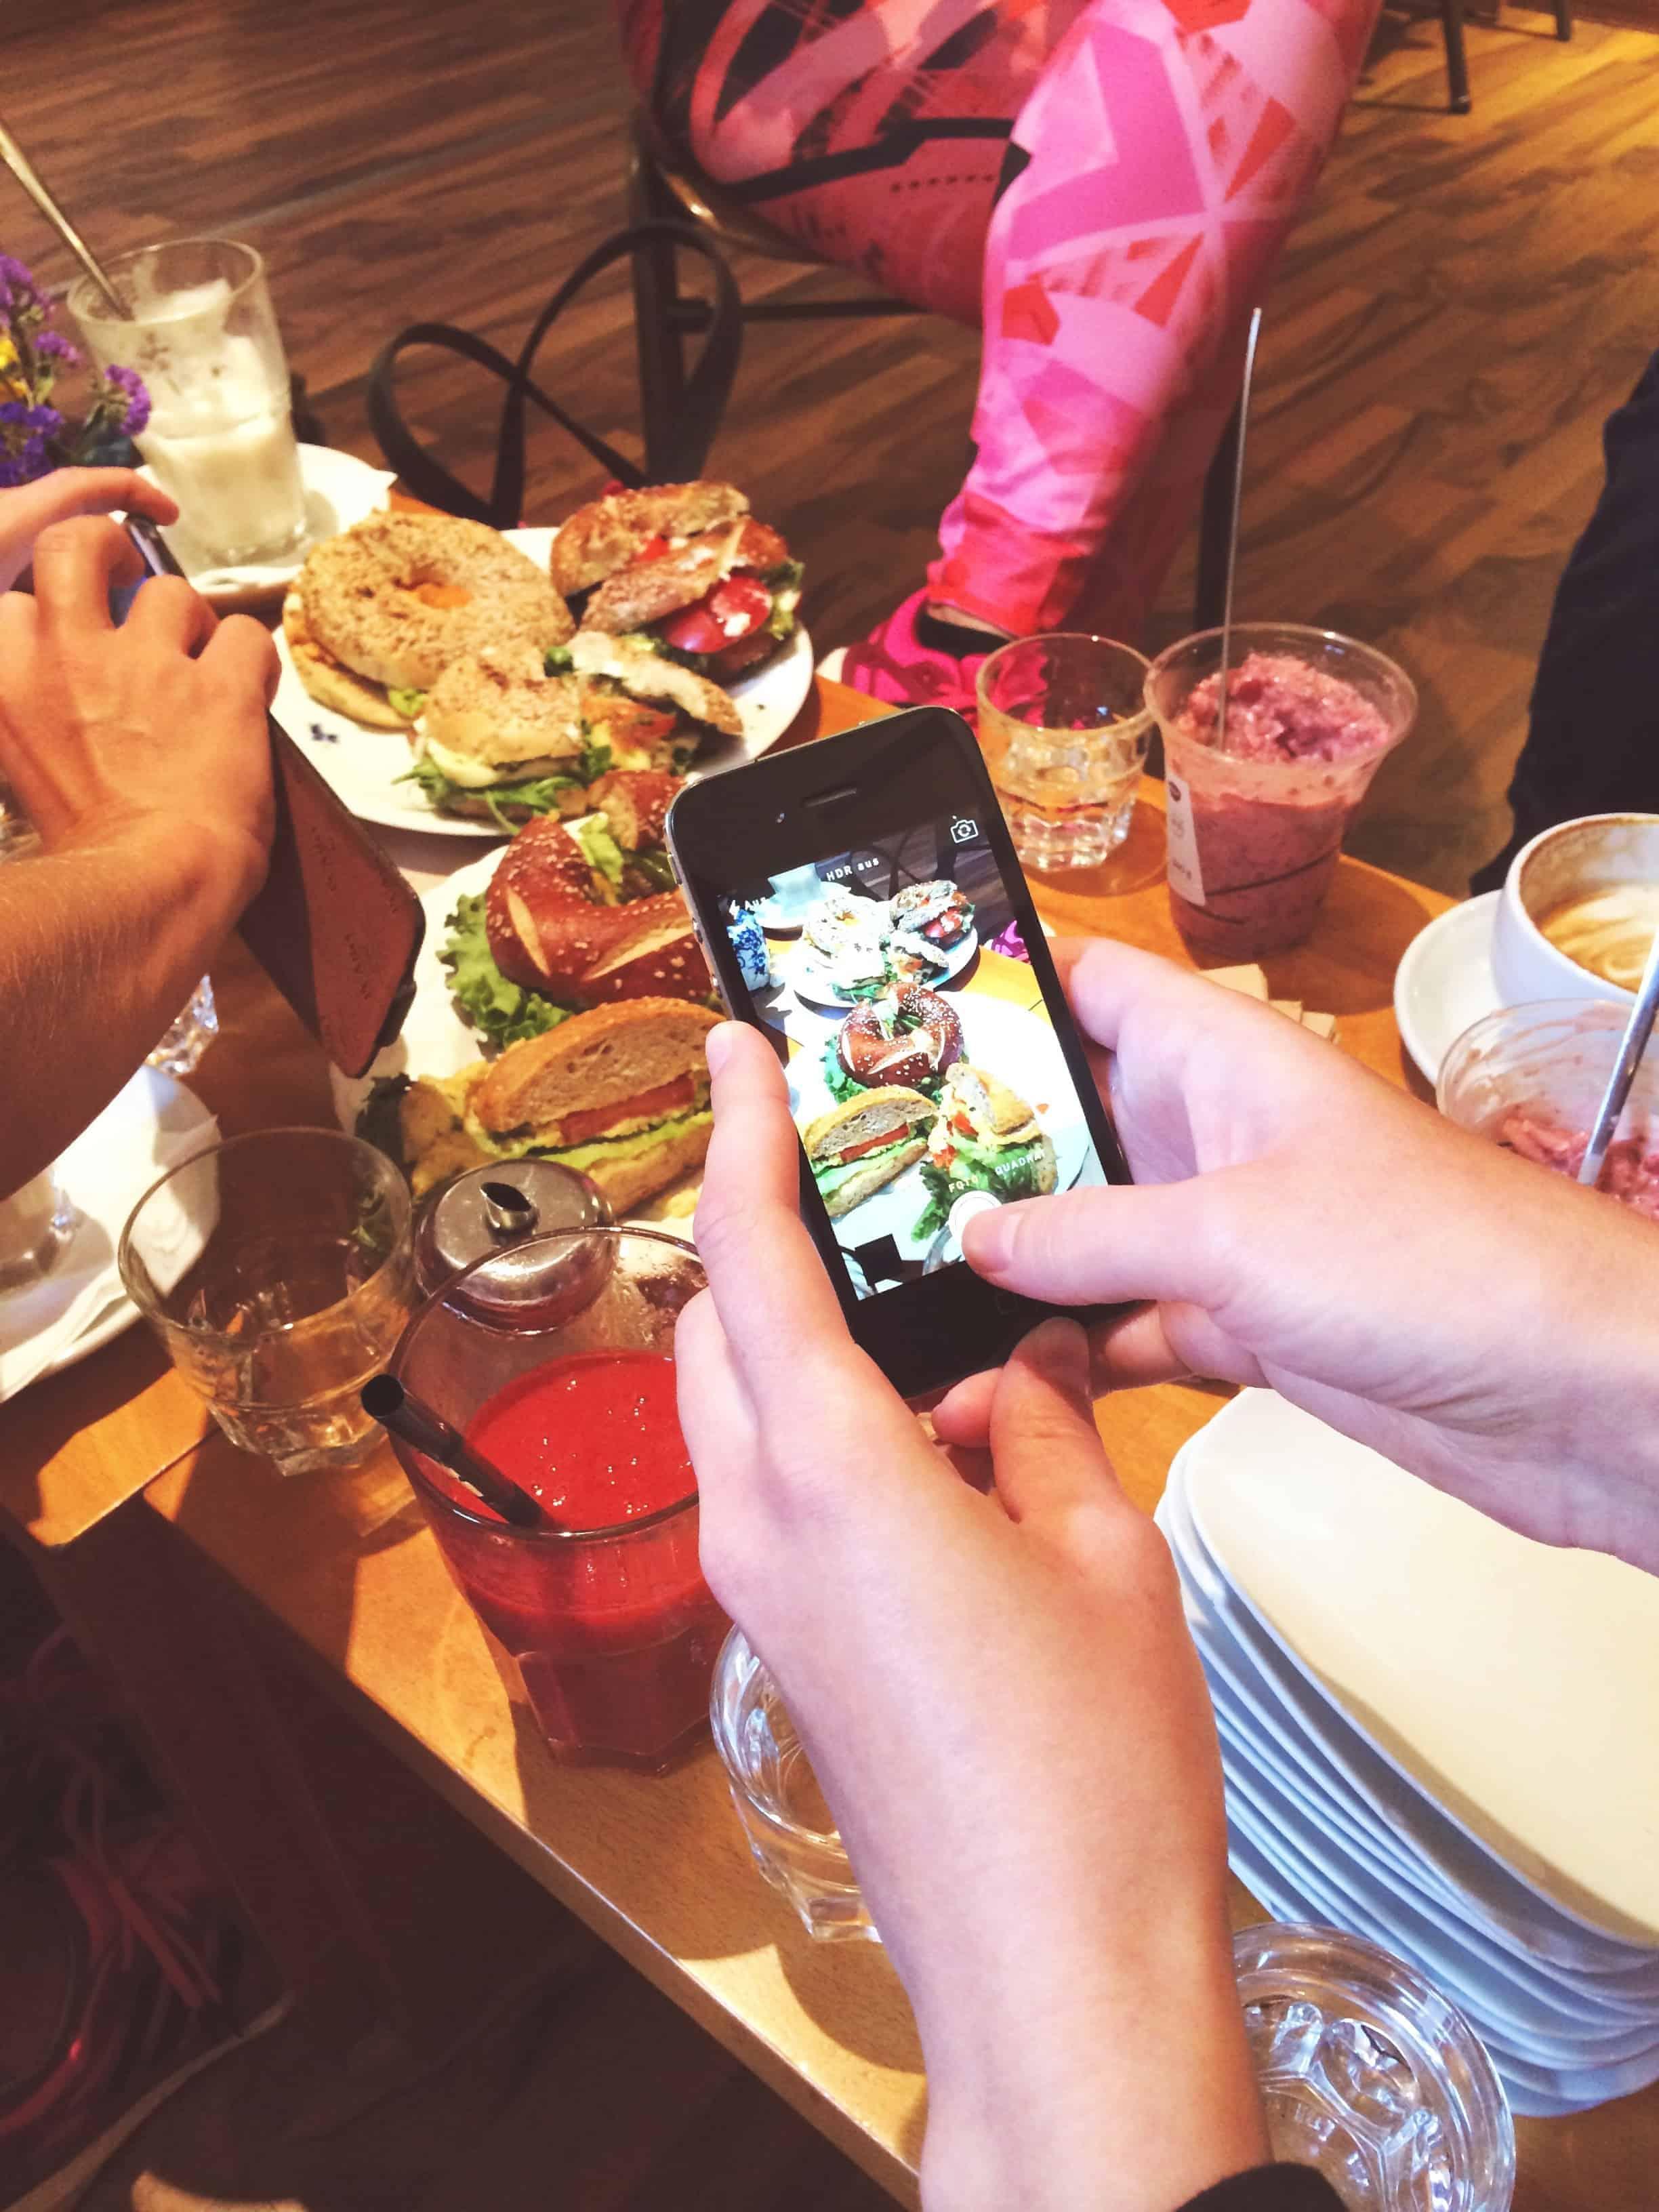 Tastetherun_food